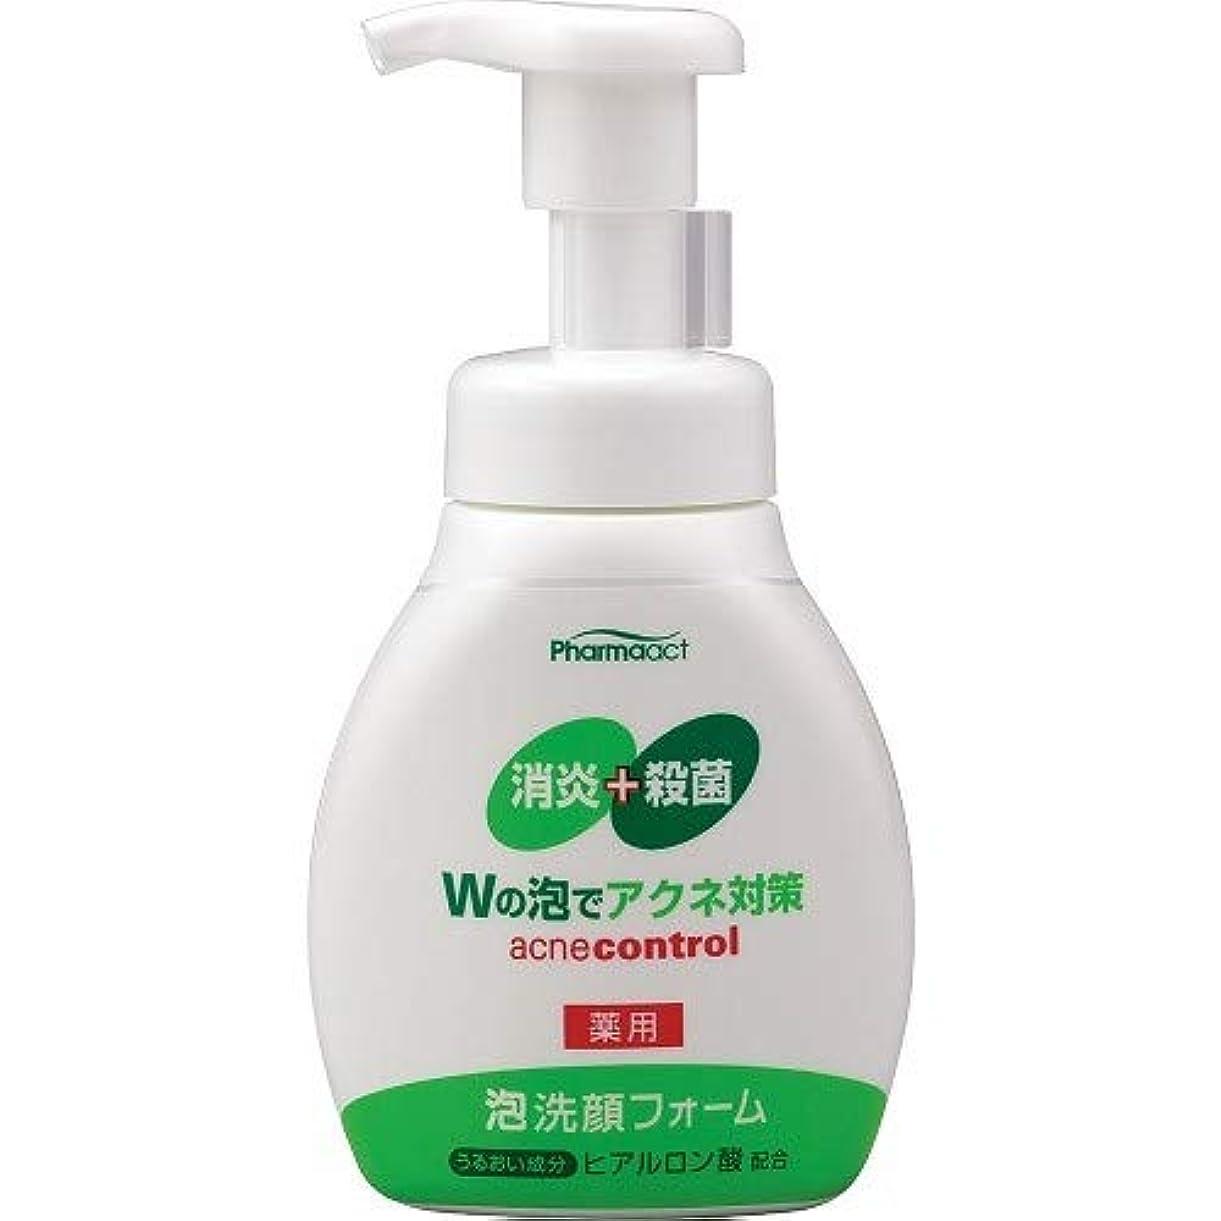 パトワ本物の明らかファーマアクト アクネ対策 薬用 泡洗顔フォーム 180ml